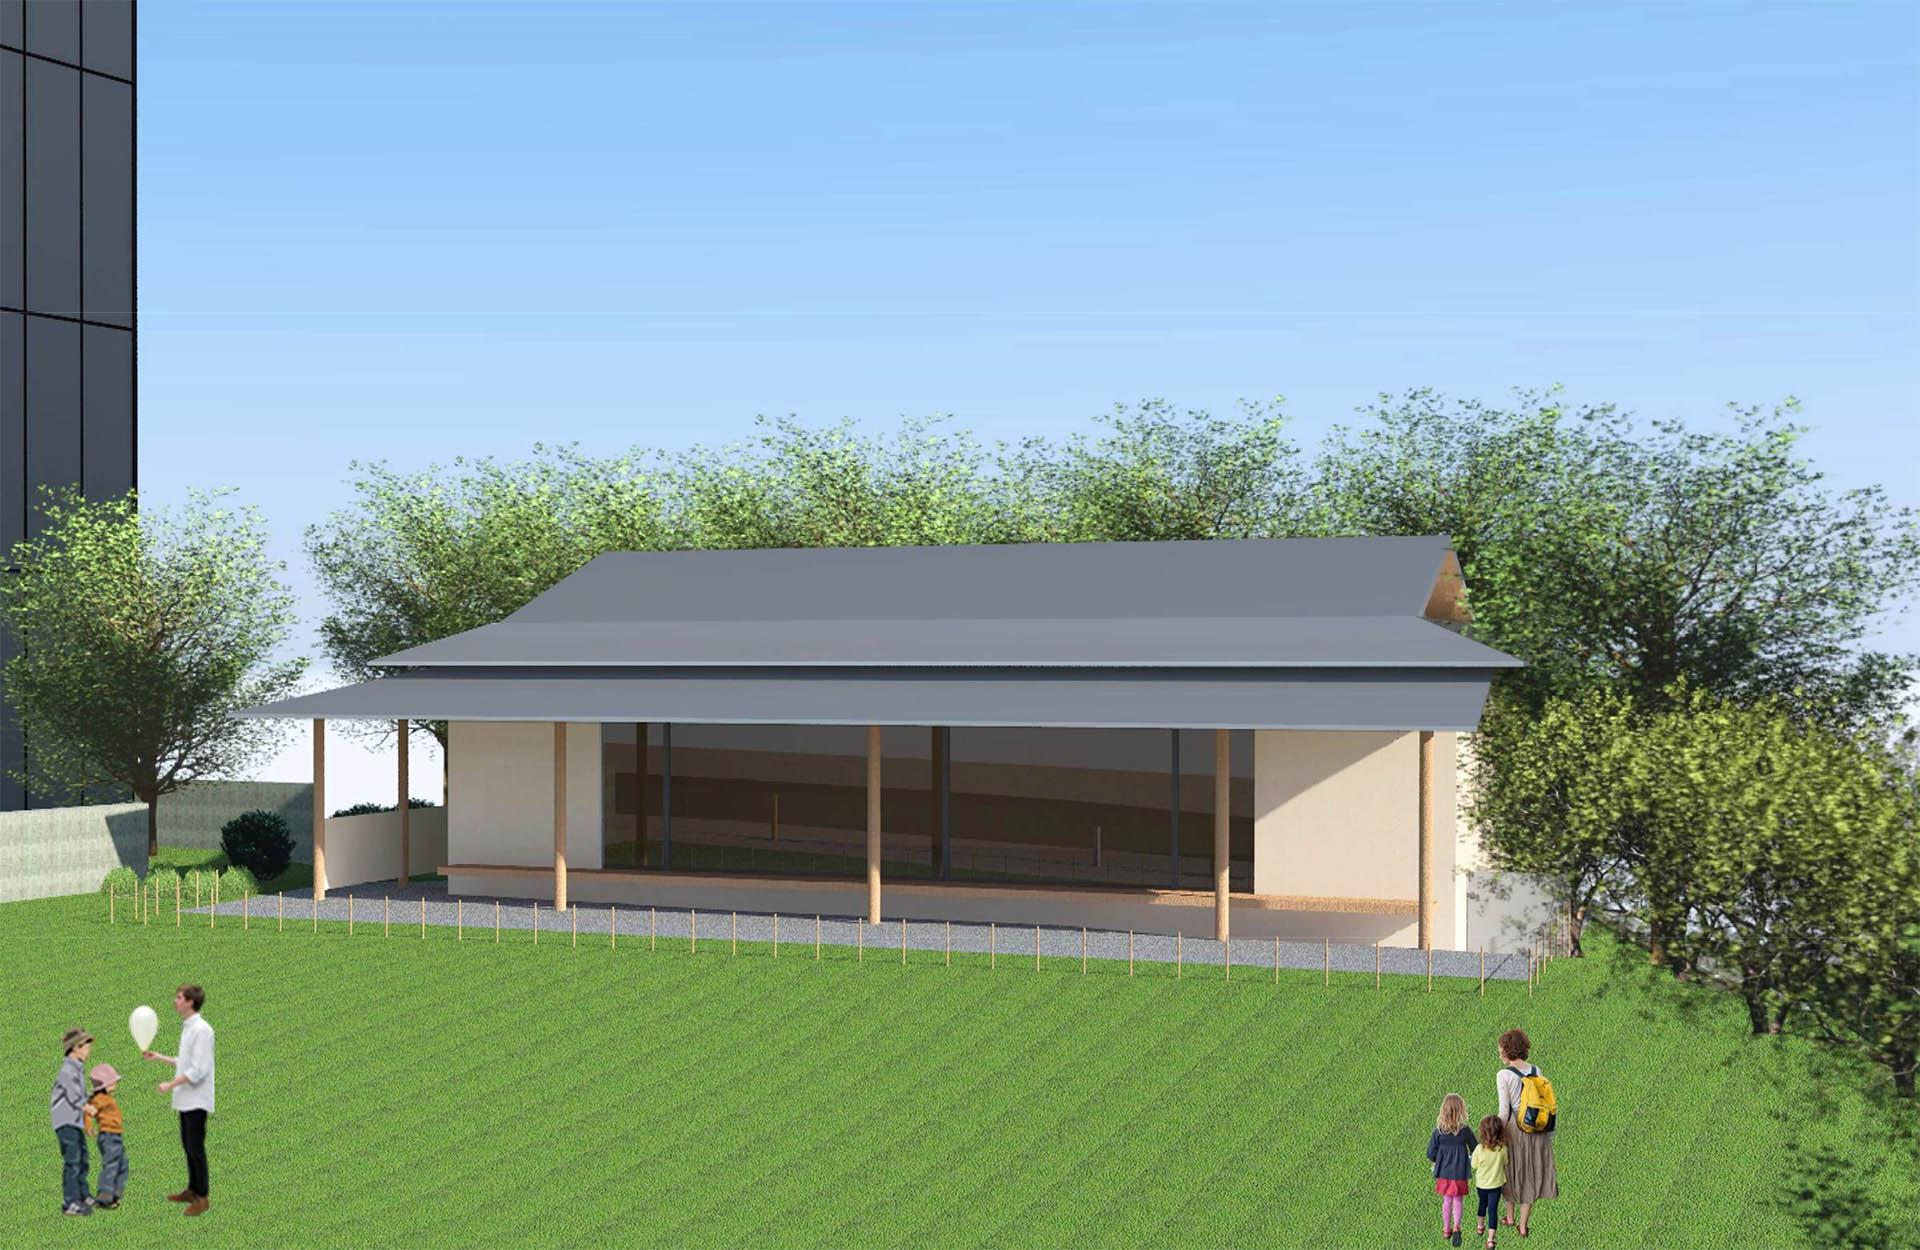 狭山市駅前に建設中のゴトー養殖研究所本社ビル敷地内に狭山市のランドマークとなる茶室を建設予定